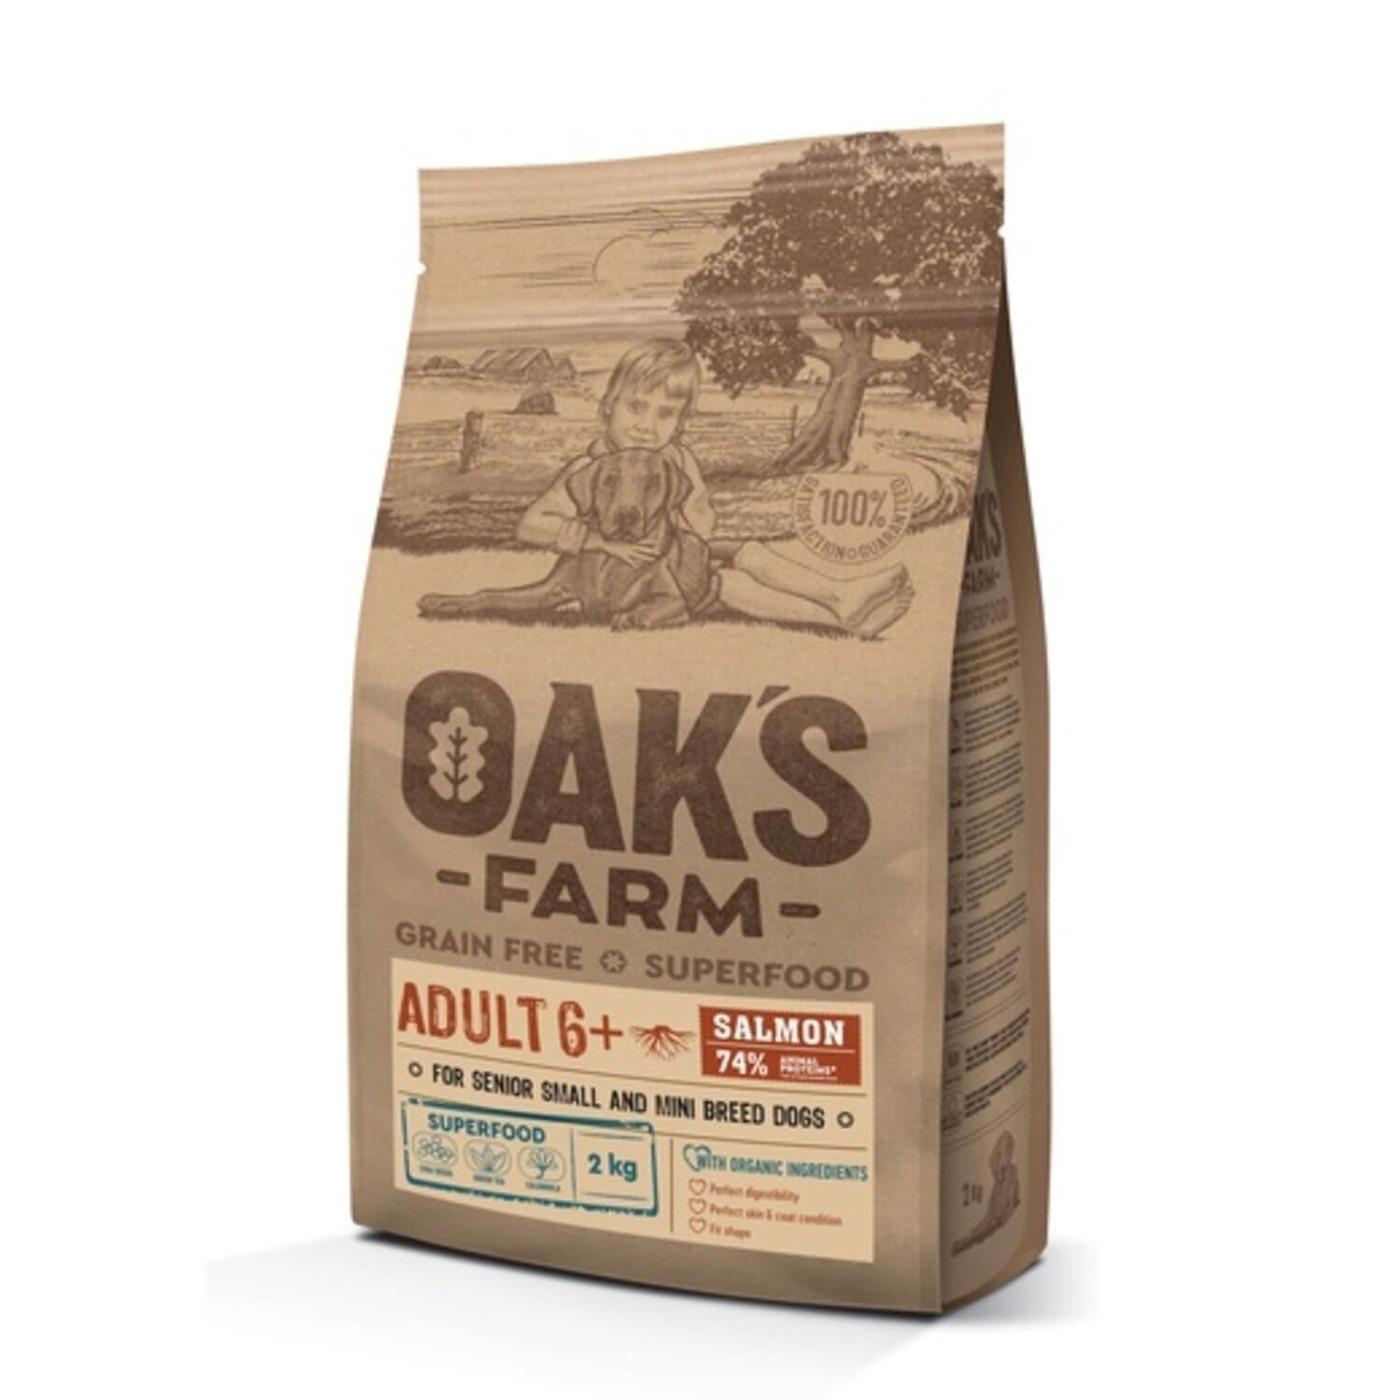 Oaks Farm GF сухой корм для собак 6+ мелких и карликовых пород, лосось 2 кг